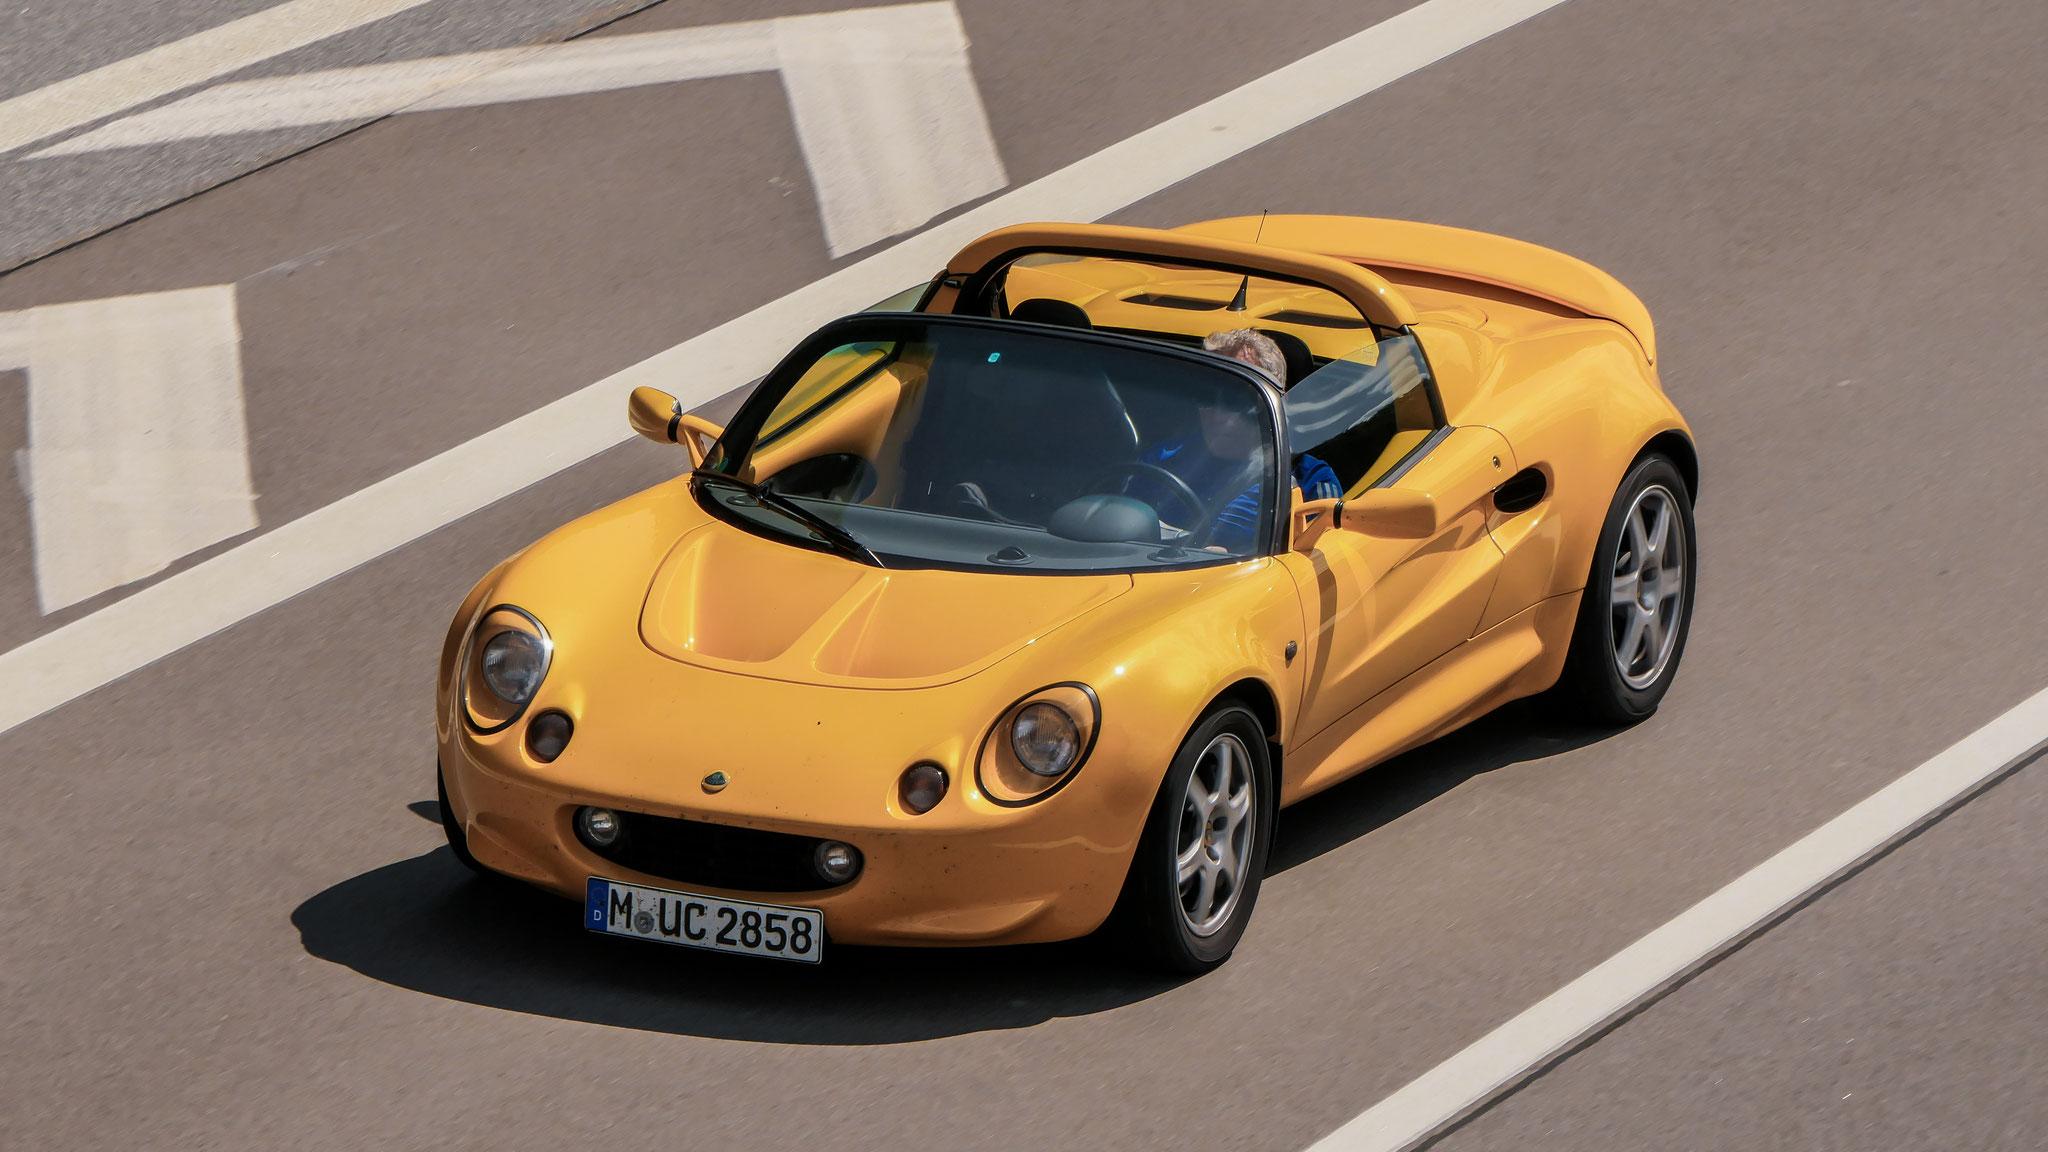 Lotus Elise S1 - M-UC-2858